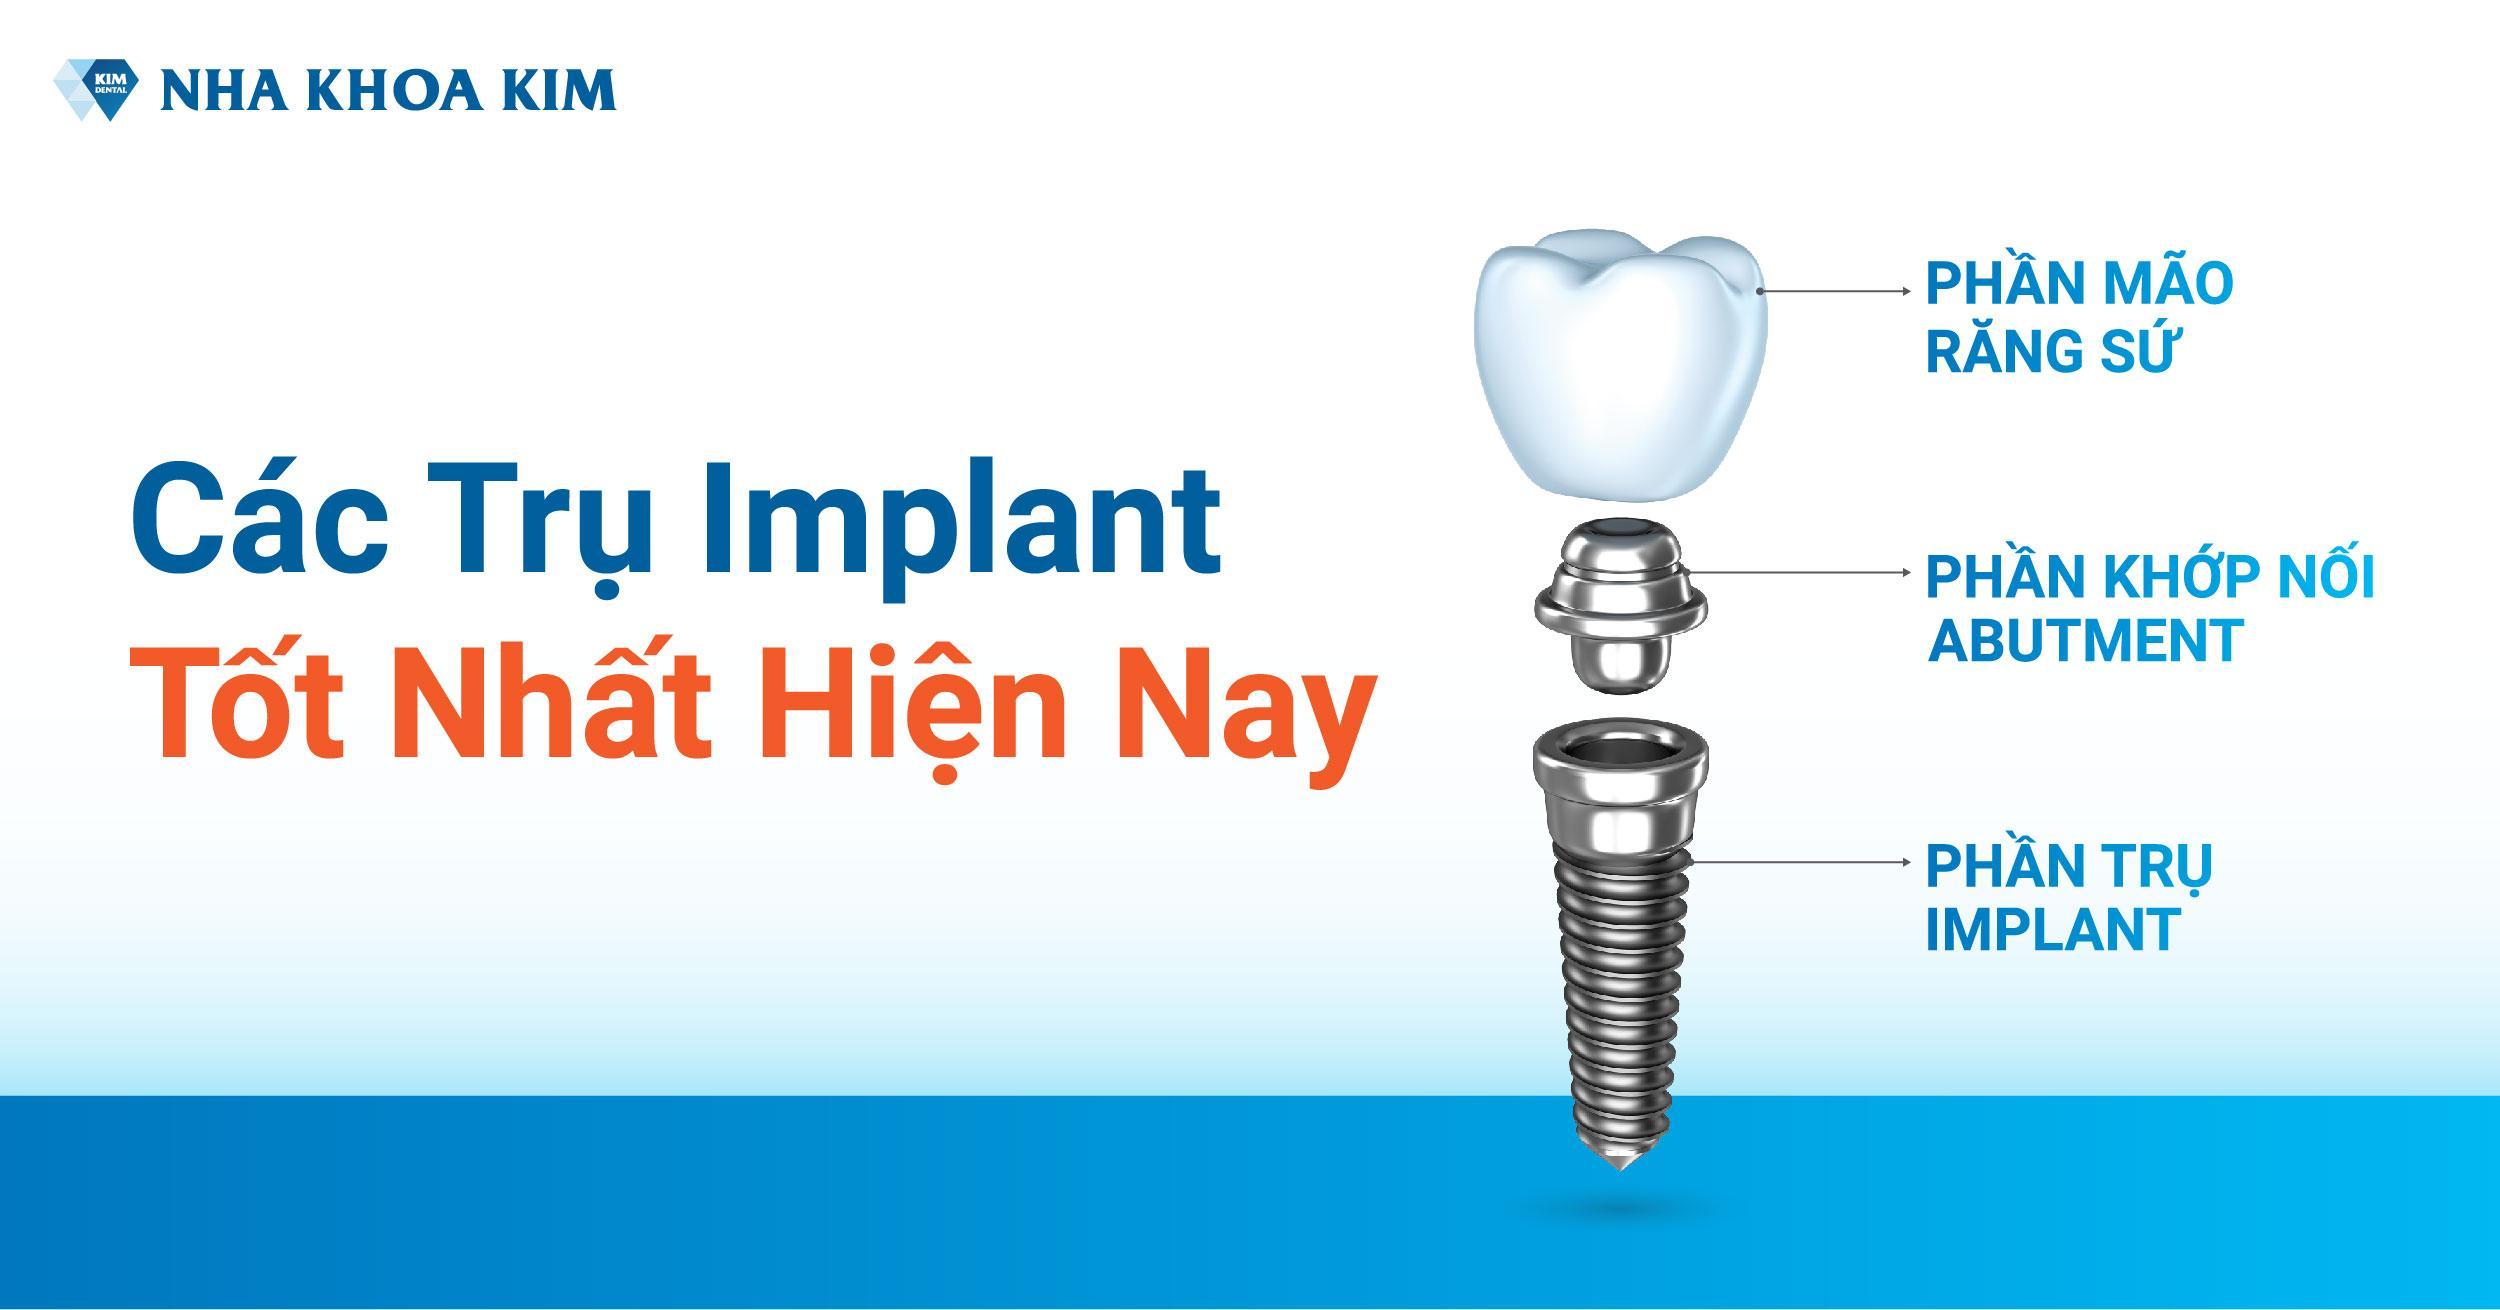 Các Trụ Implant Tốt Nhất Hiện Nay